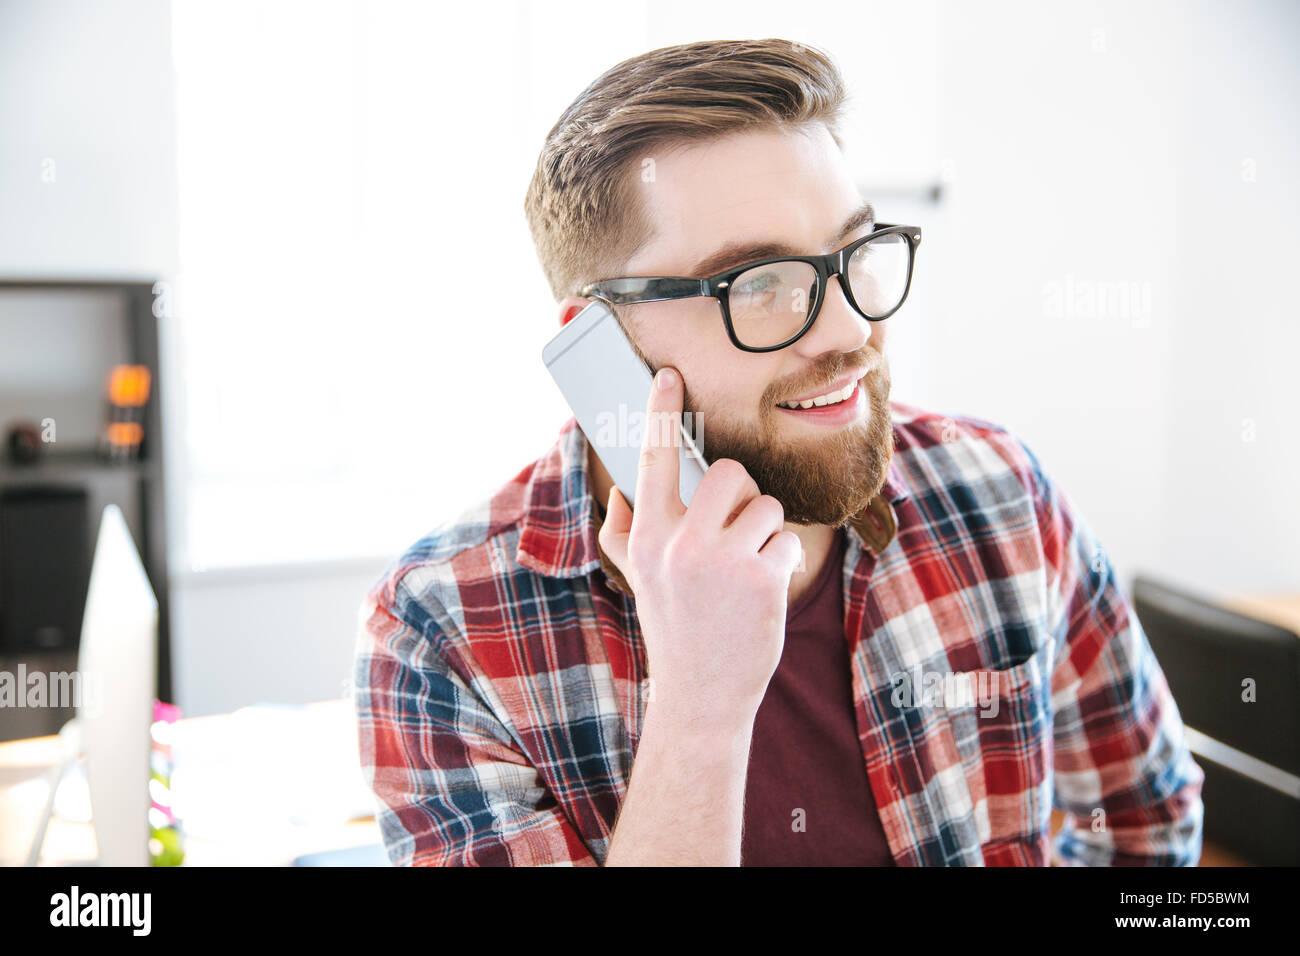 Feliz joven atractivo con barba y gafas en el Plaid shirt hablando por un teléfono celular en la oficina Imagen De Stock